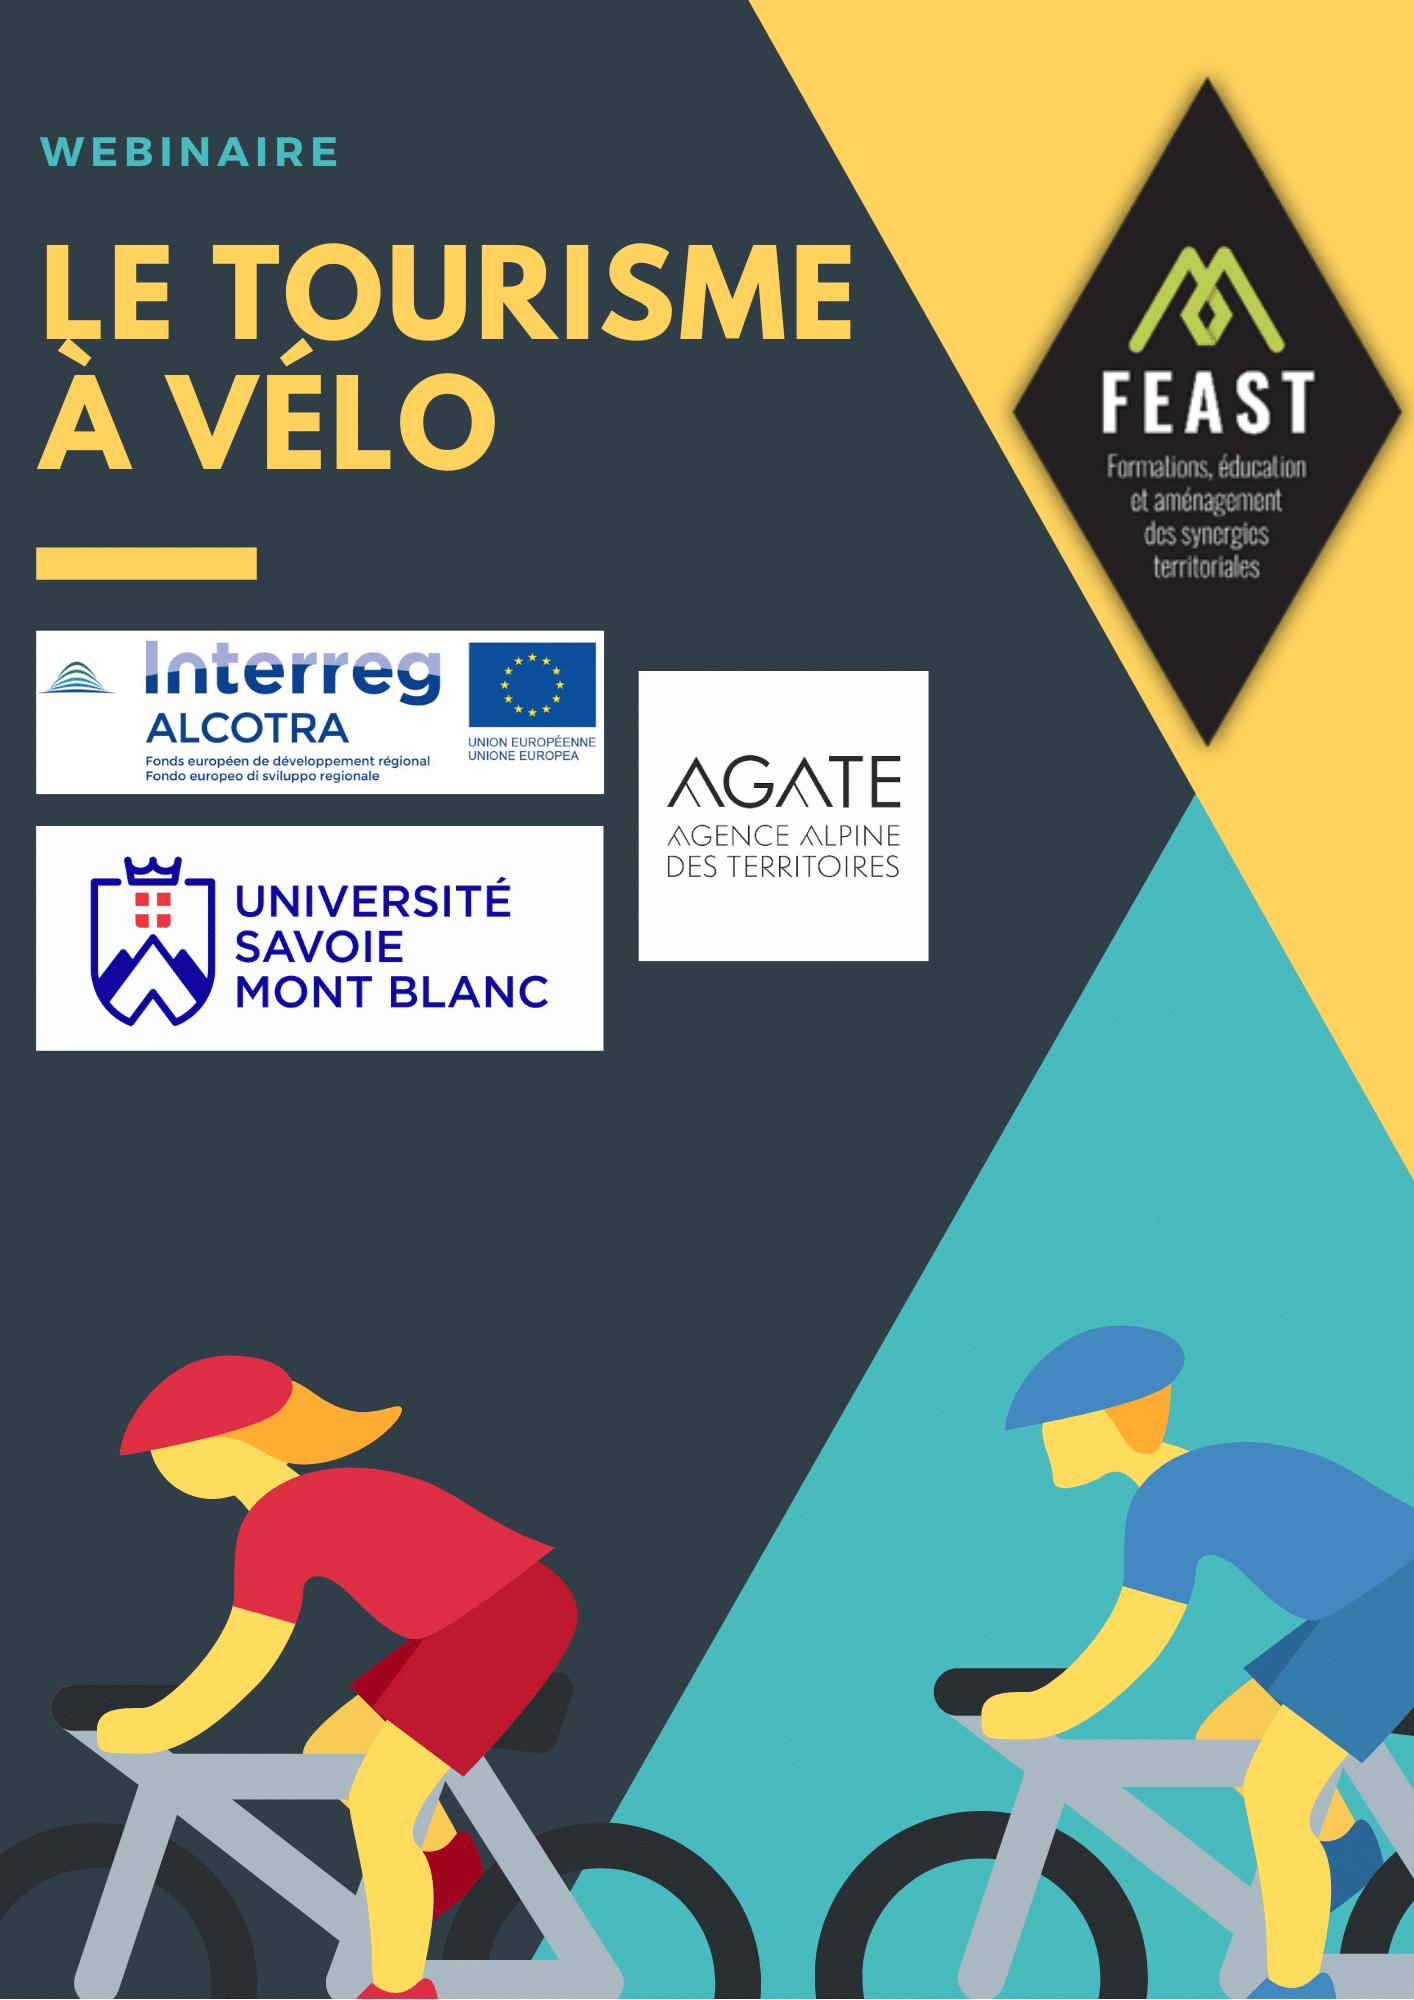 Les clientèles du cyclotourisme en Savoie – support du webinaire «Le Tourisme à vélo»